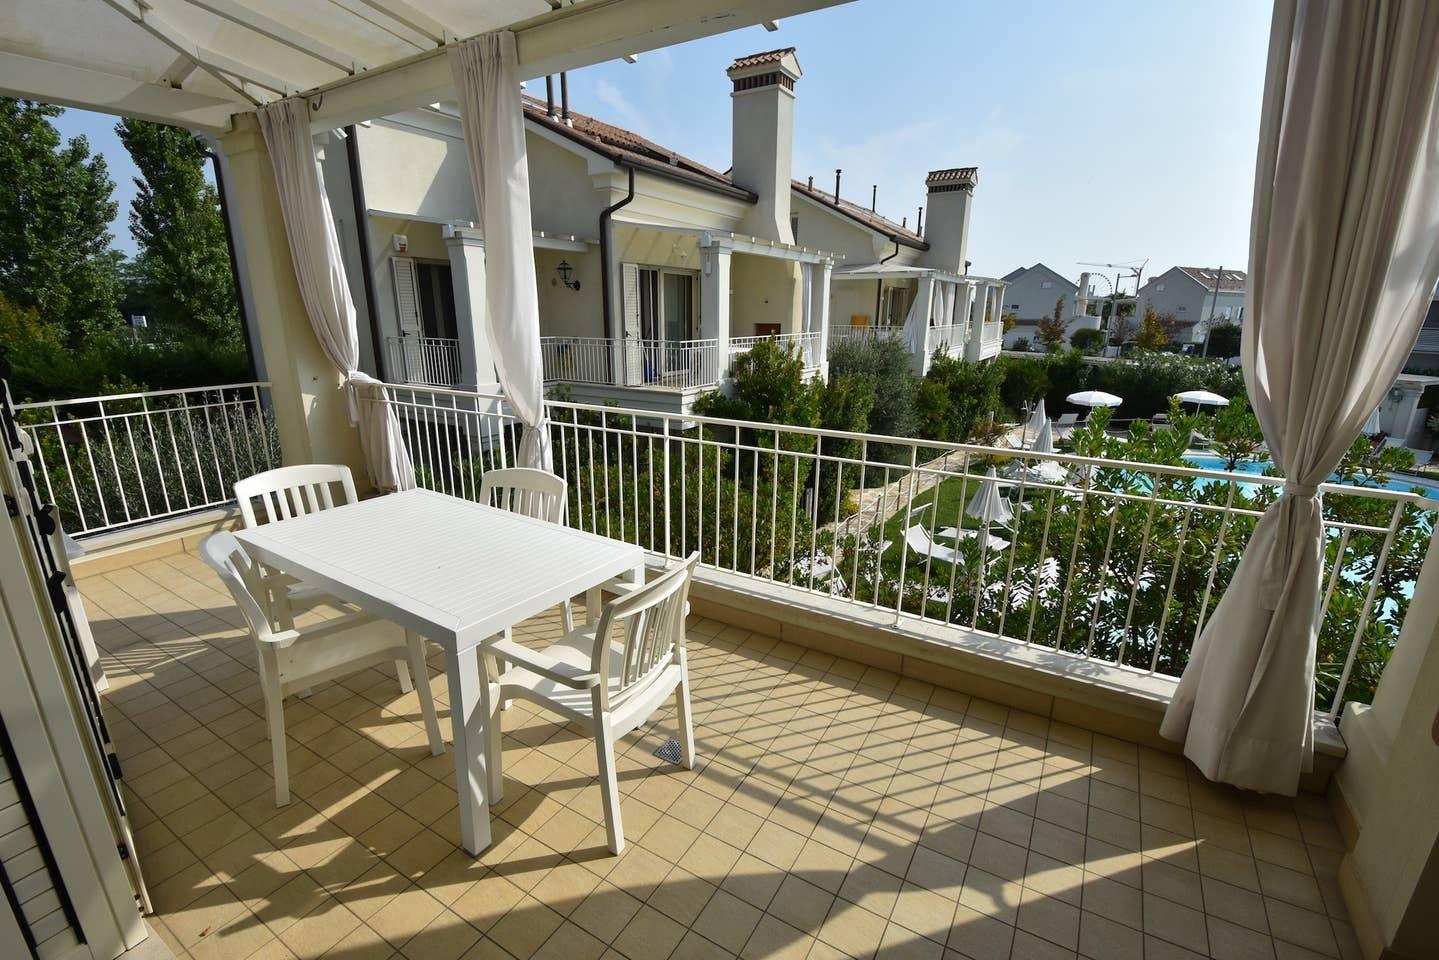 terrazza-appartamento-residence-ulivi-44735822